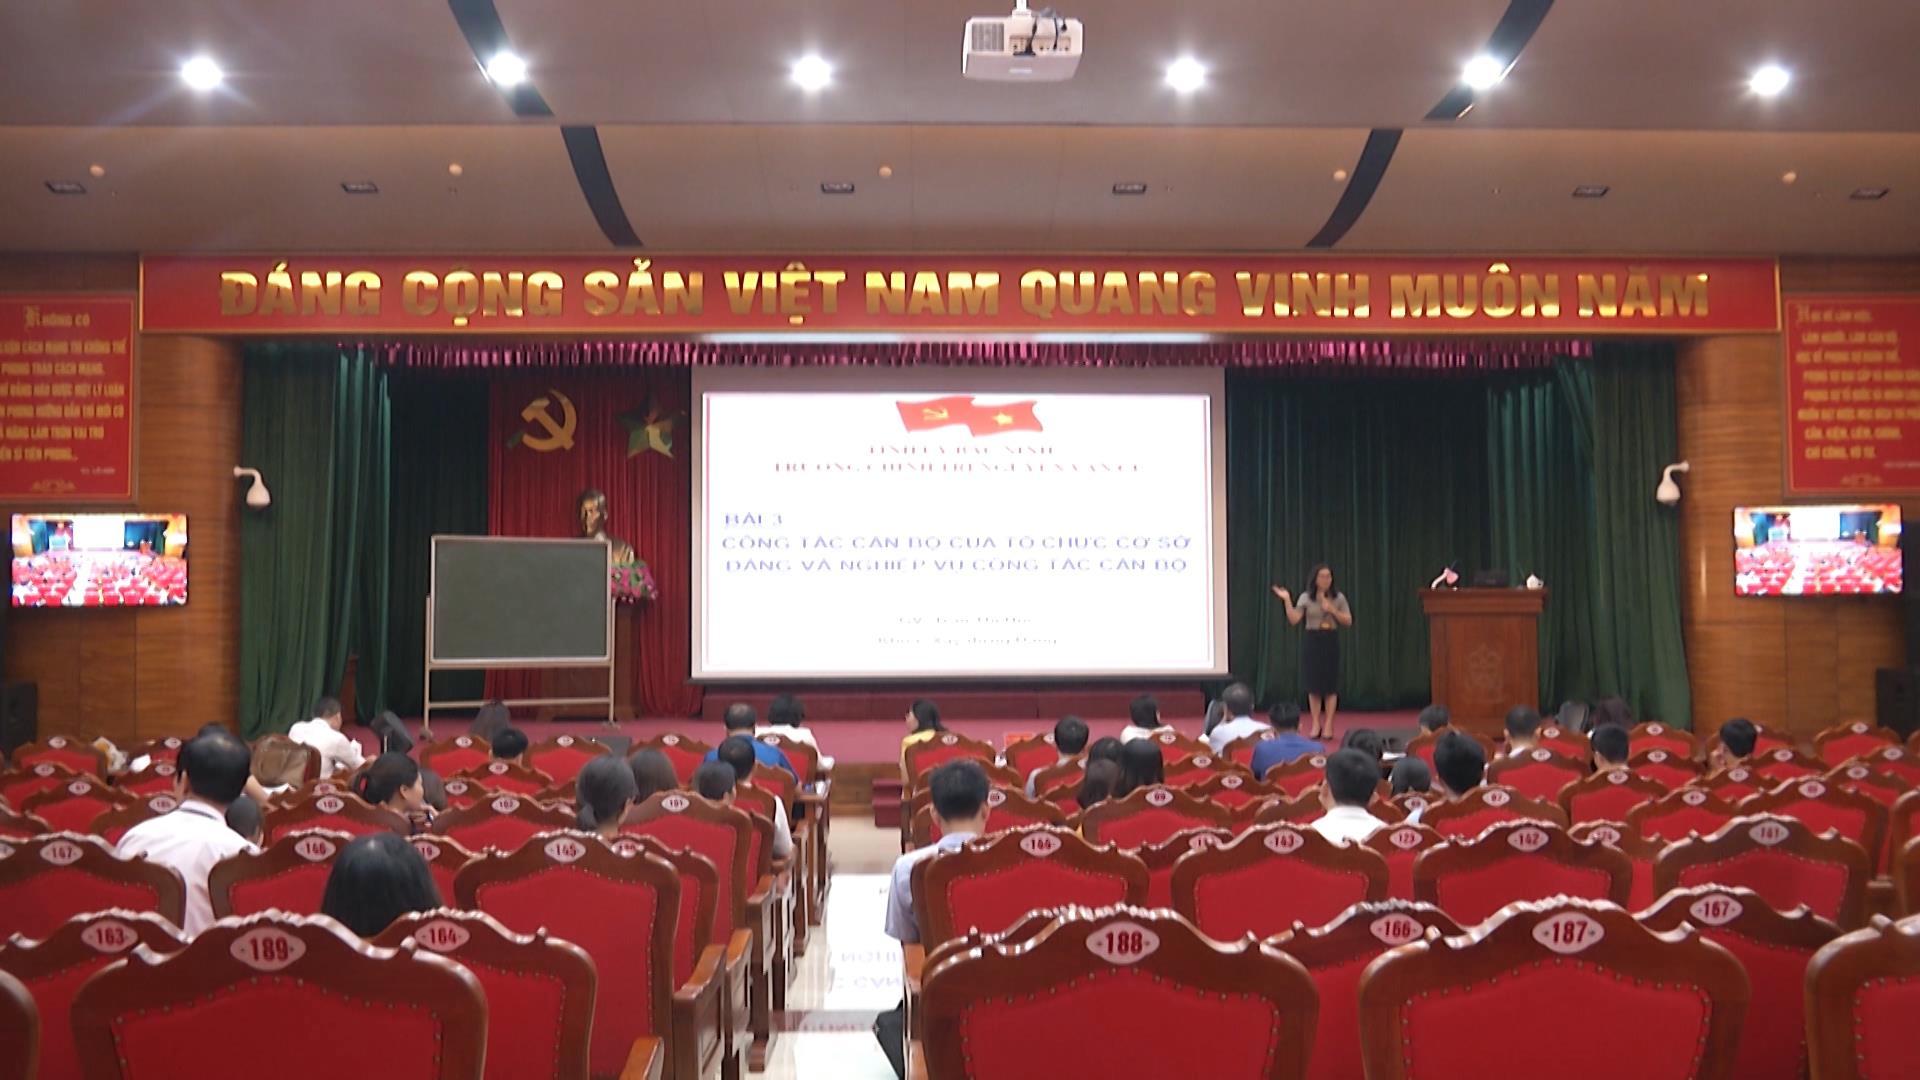 Trường Chính trị Nguyễn Văn Cừ tổ chức Thao giảng năm 2020